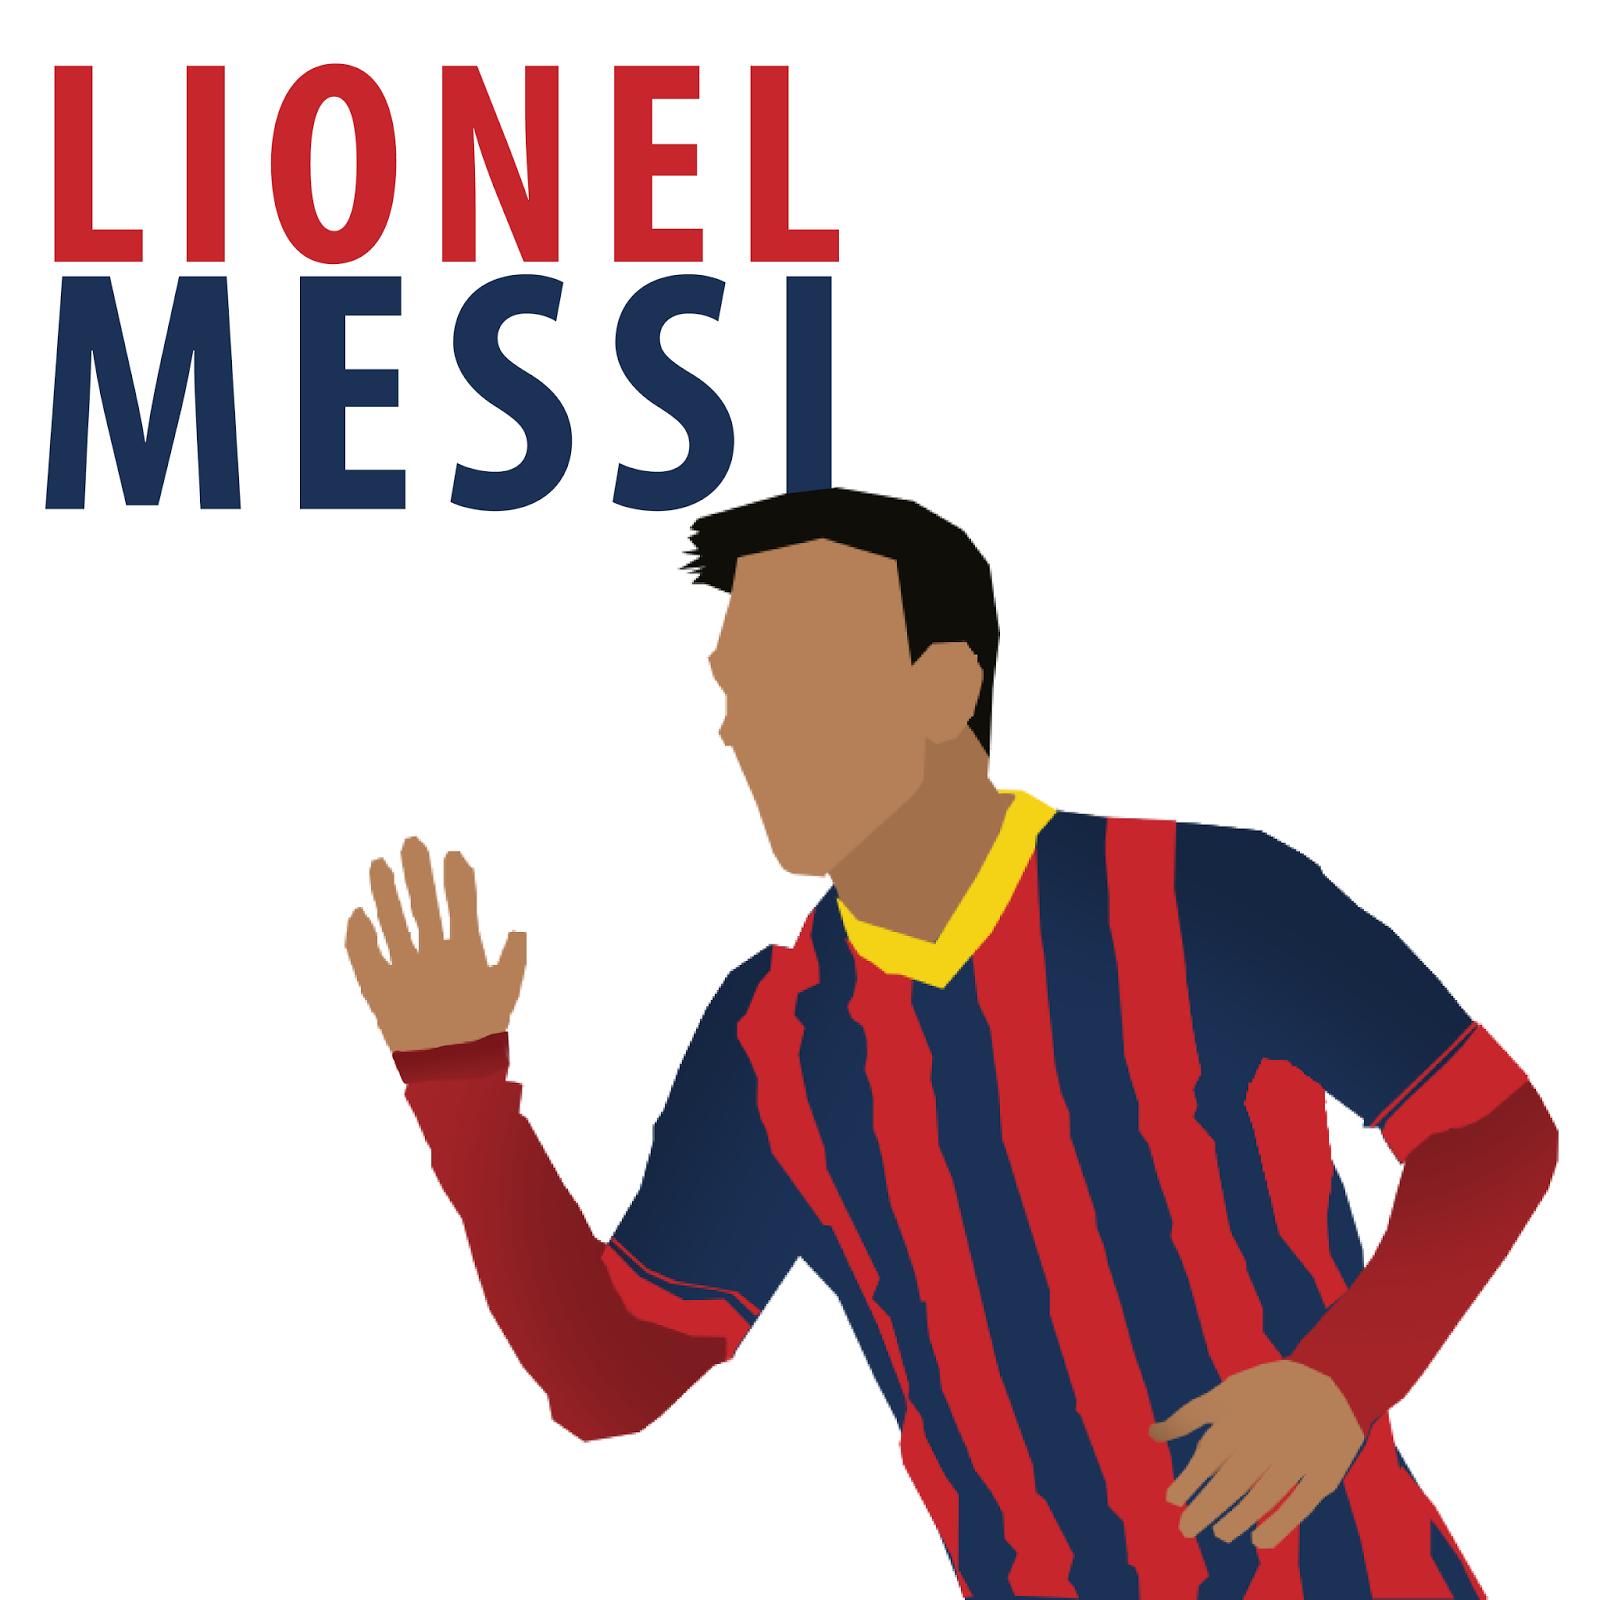 Lionel Messi Cartoon Wallpaper Minimalist